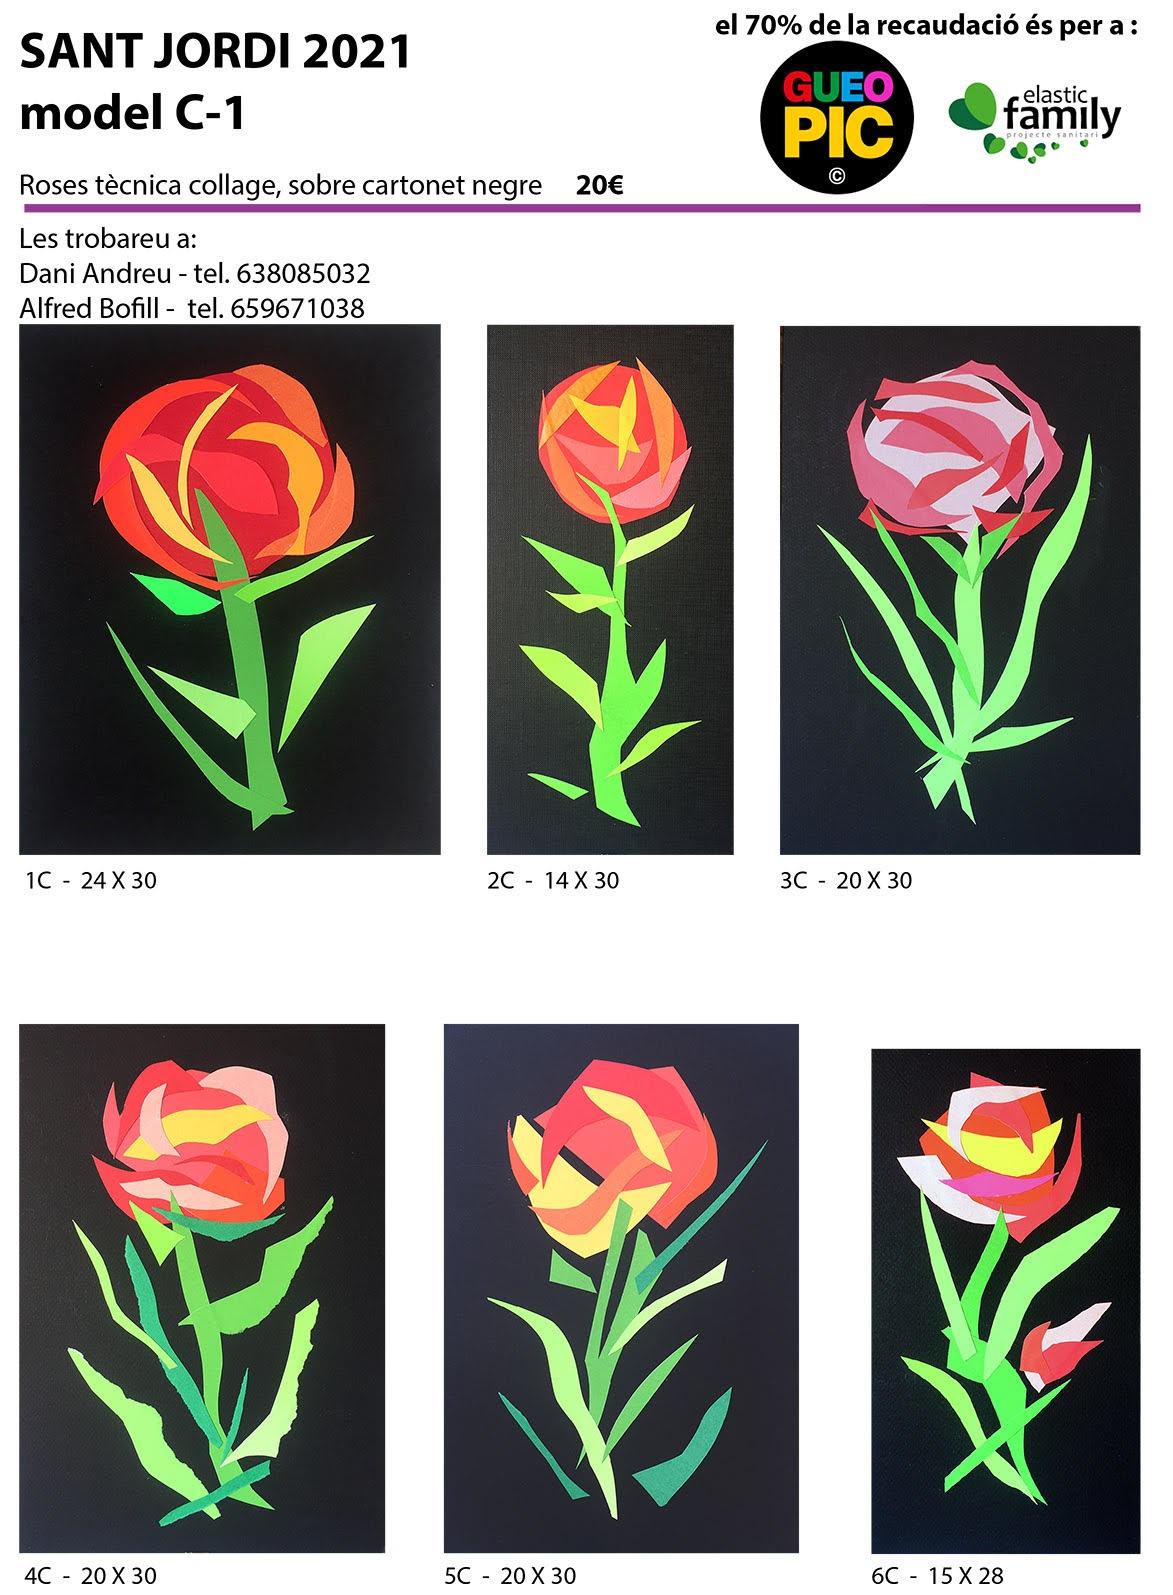 La rosa Bofill 2021 :2